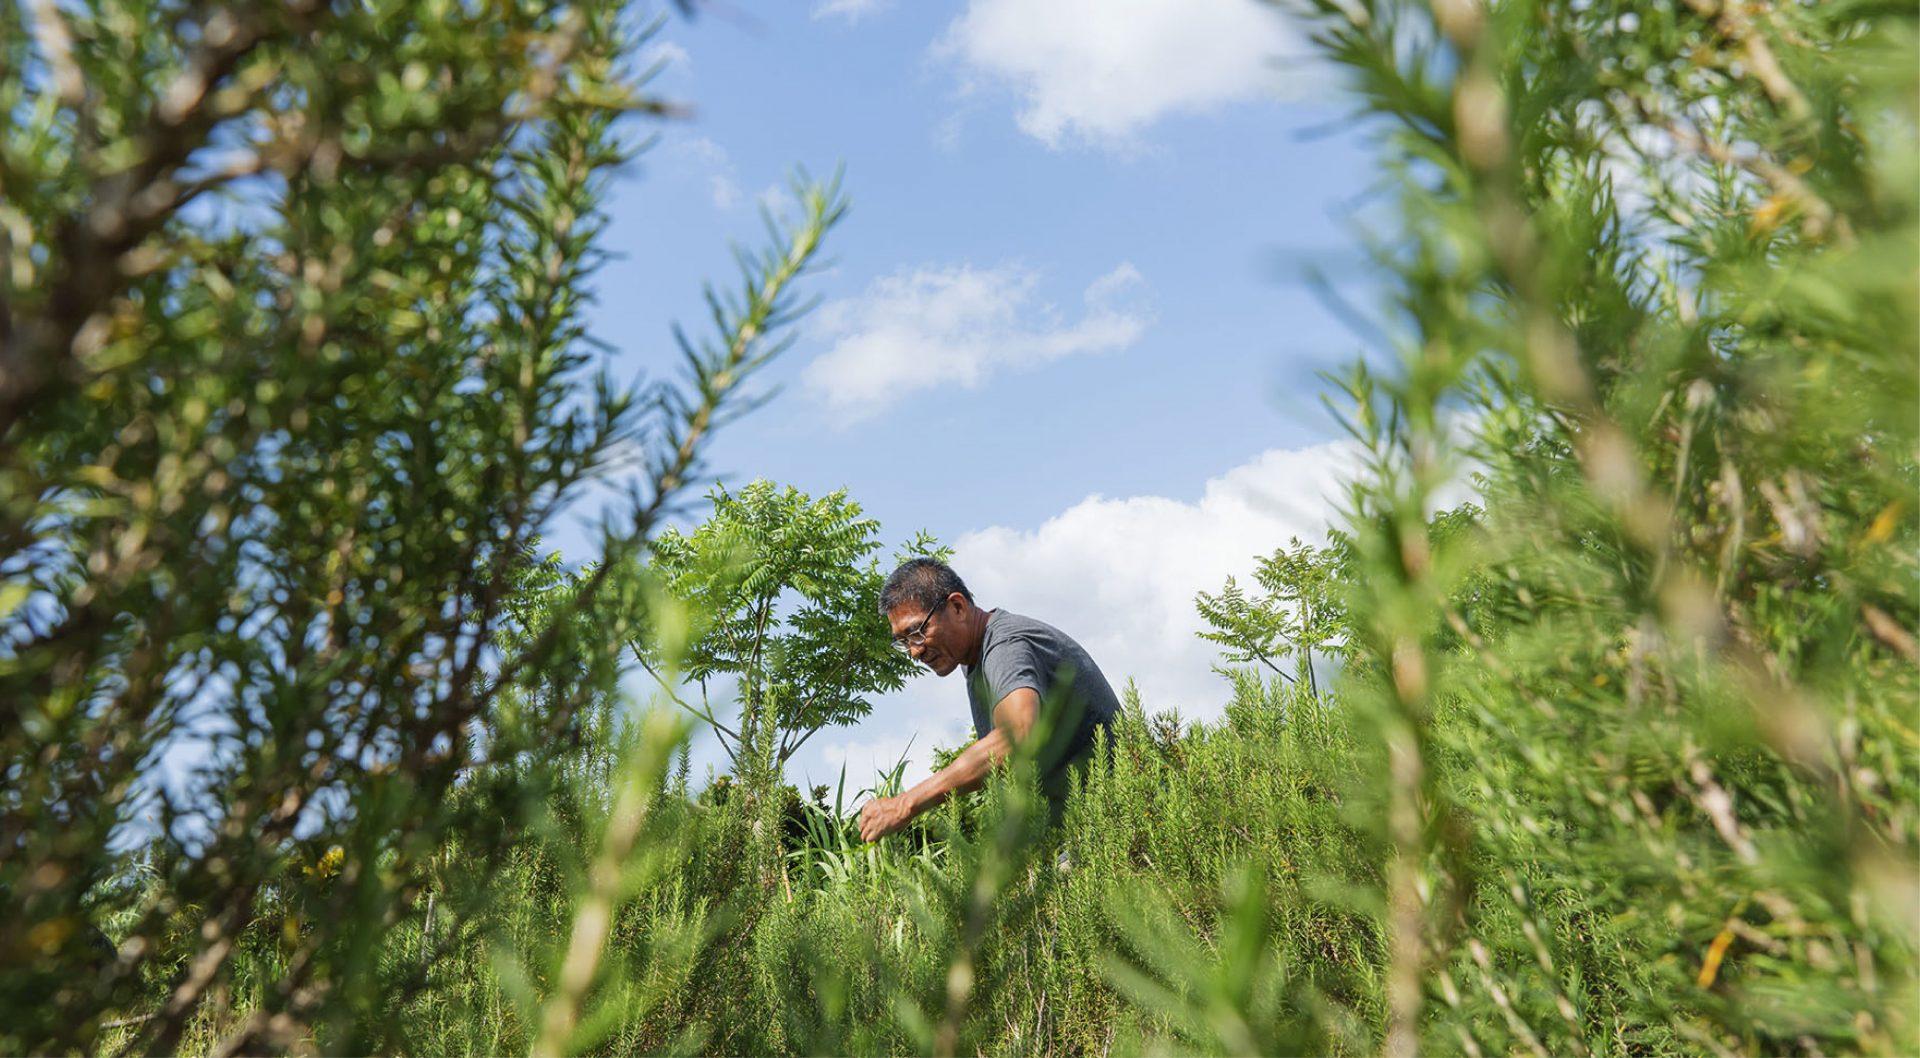 種一片香草園 栽培安居樂業的夢:李登庸與慕樂諾斯自然農場